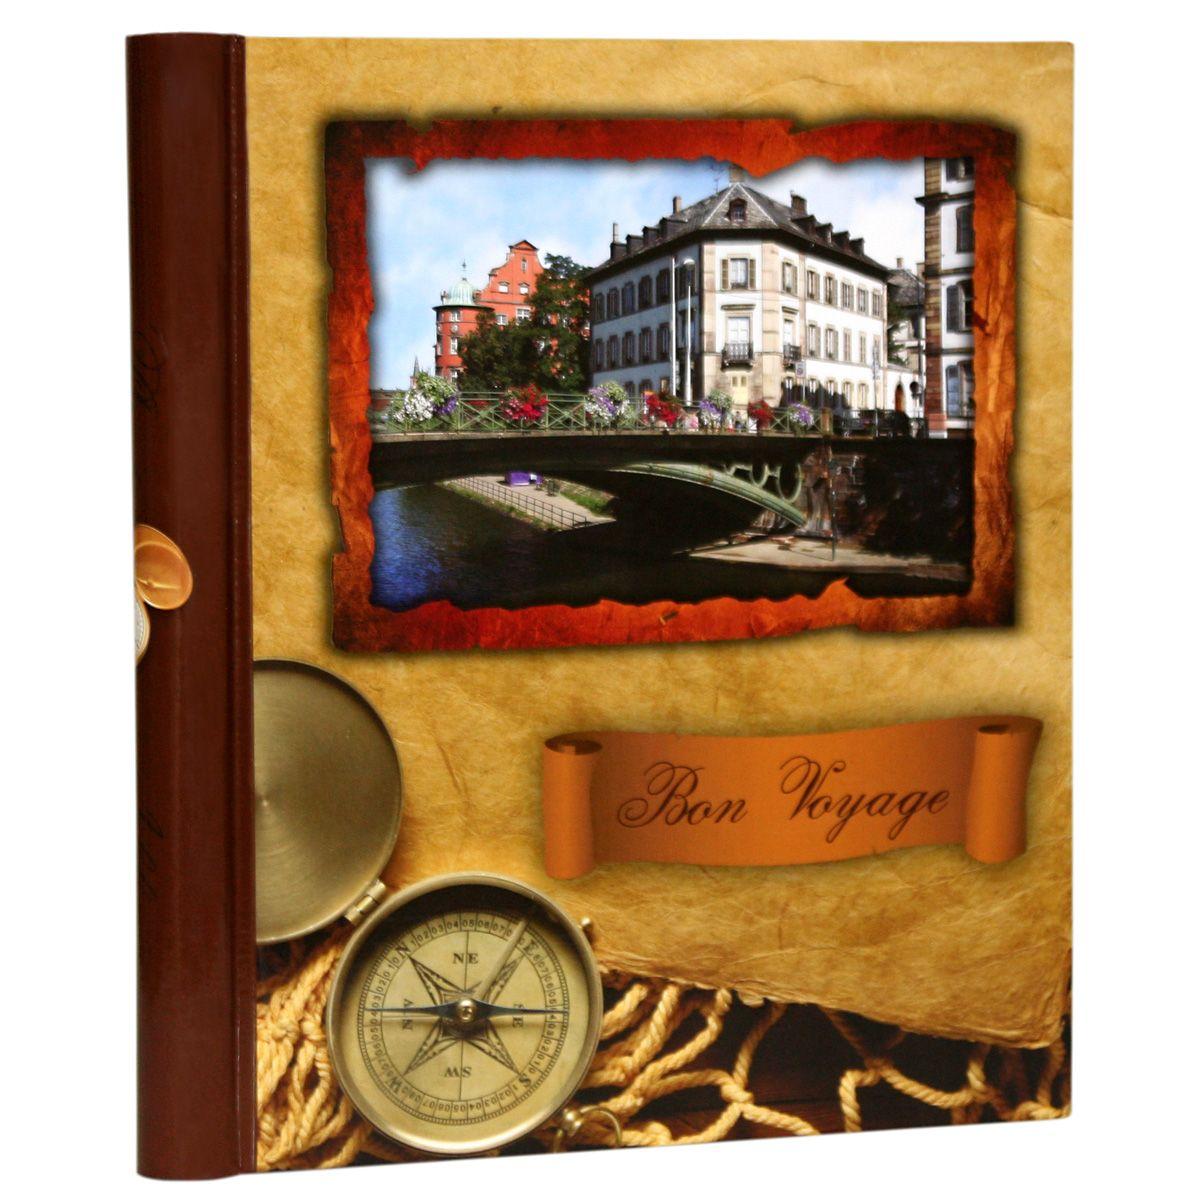 Фотоальбом Pioneer Bon Voyage, 10 магнитных листов, цвет: коричневый, 23 х 28 см фотоальбом pioneer innocence 10 магнитных листов 32 см х 32 см